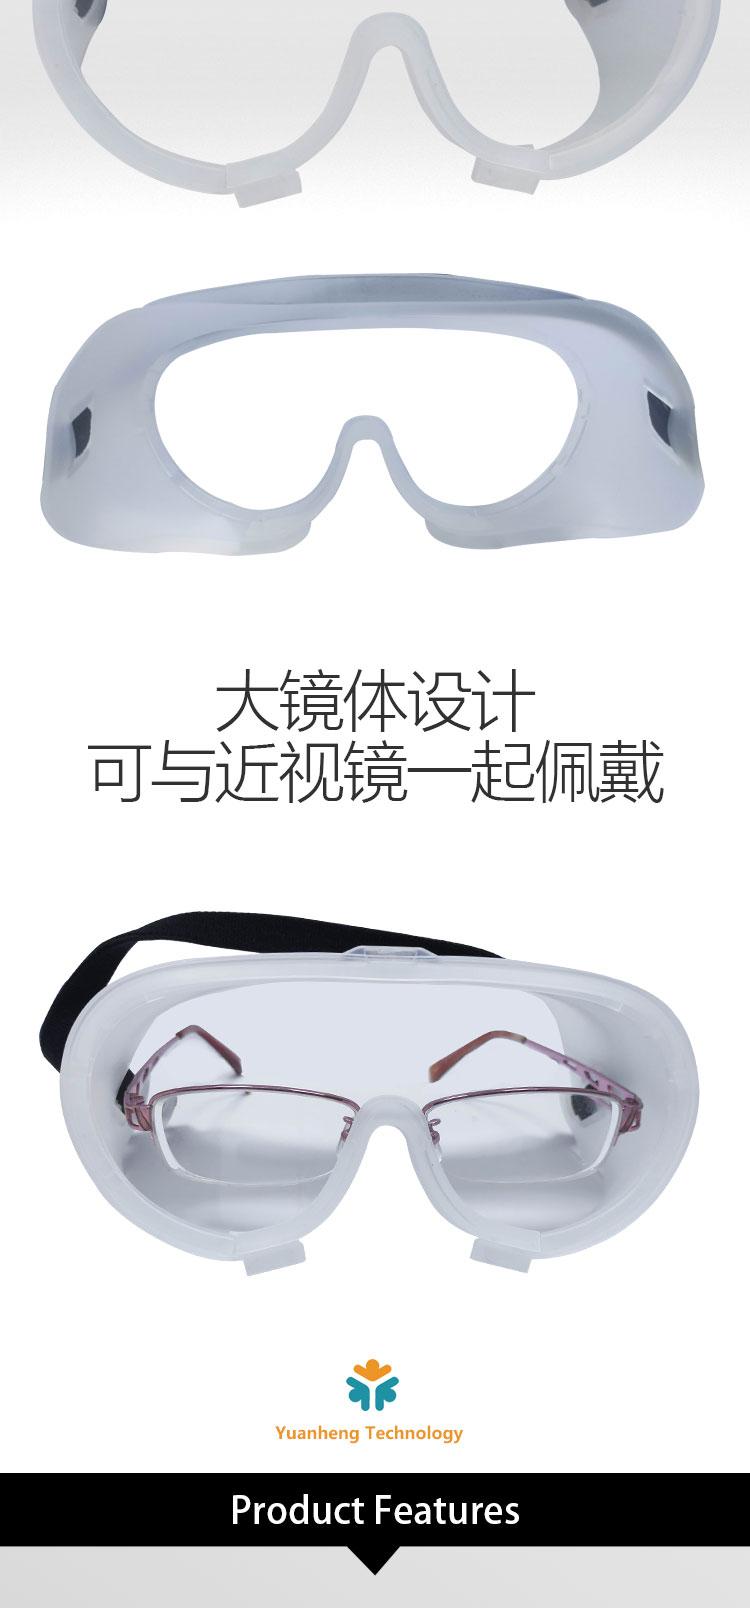 医用防护镜_02.jpg